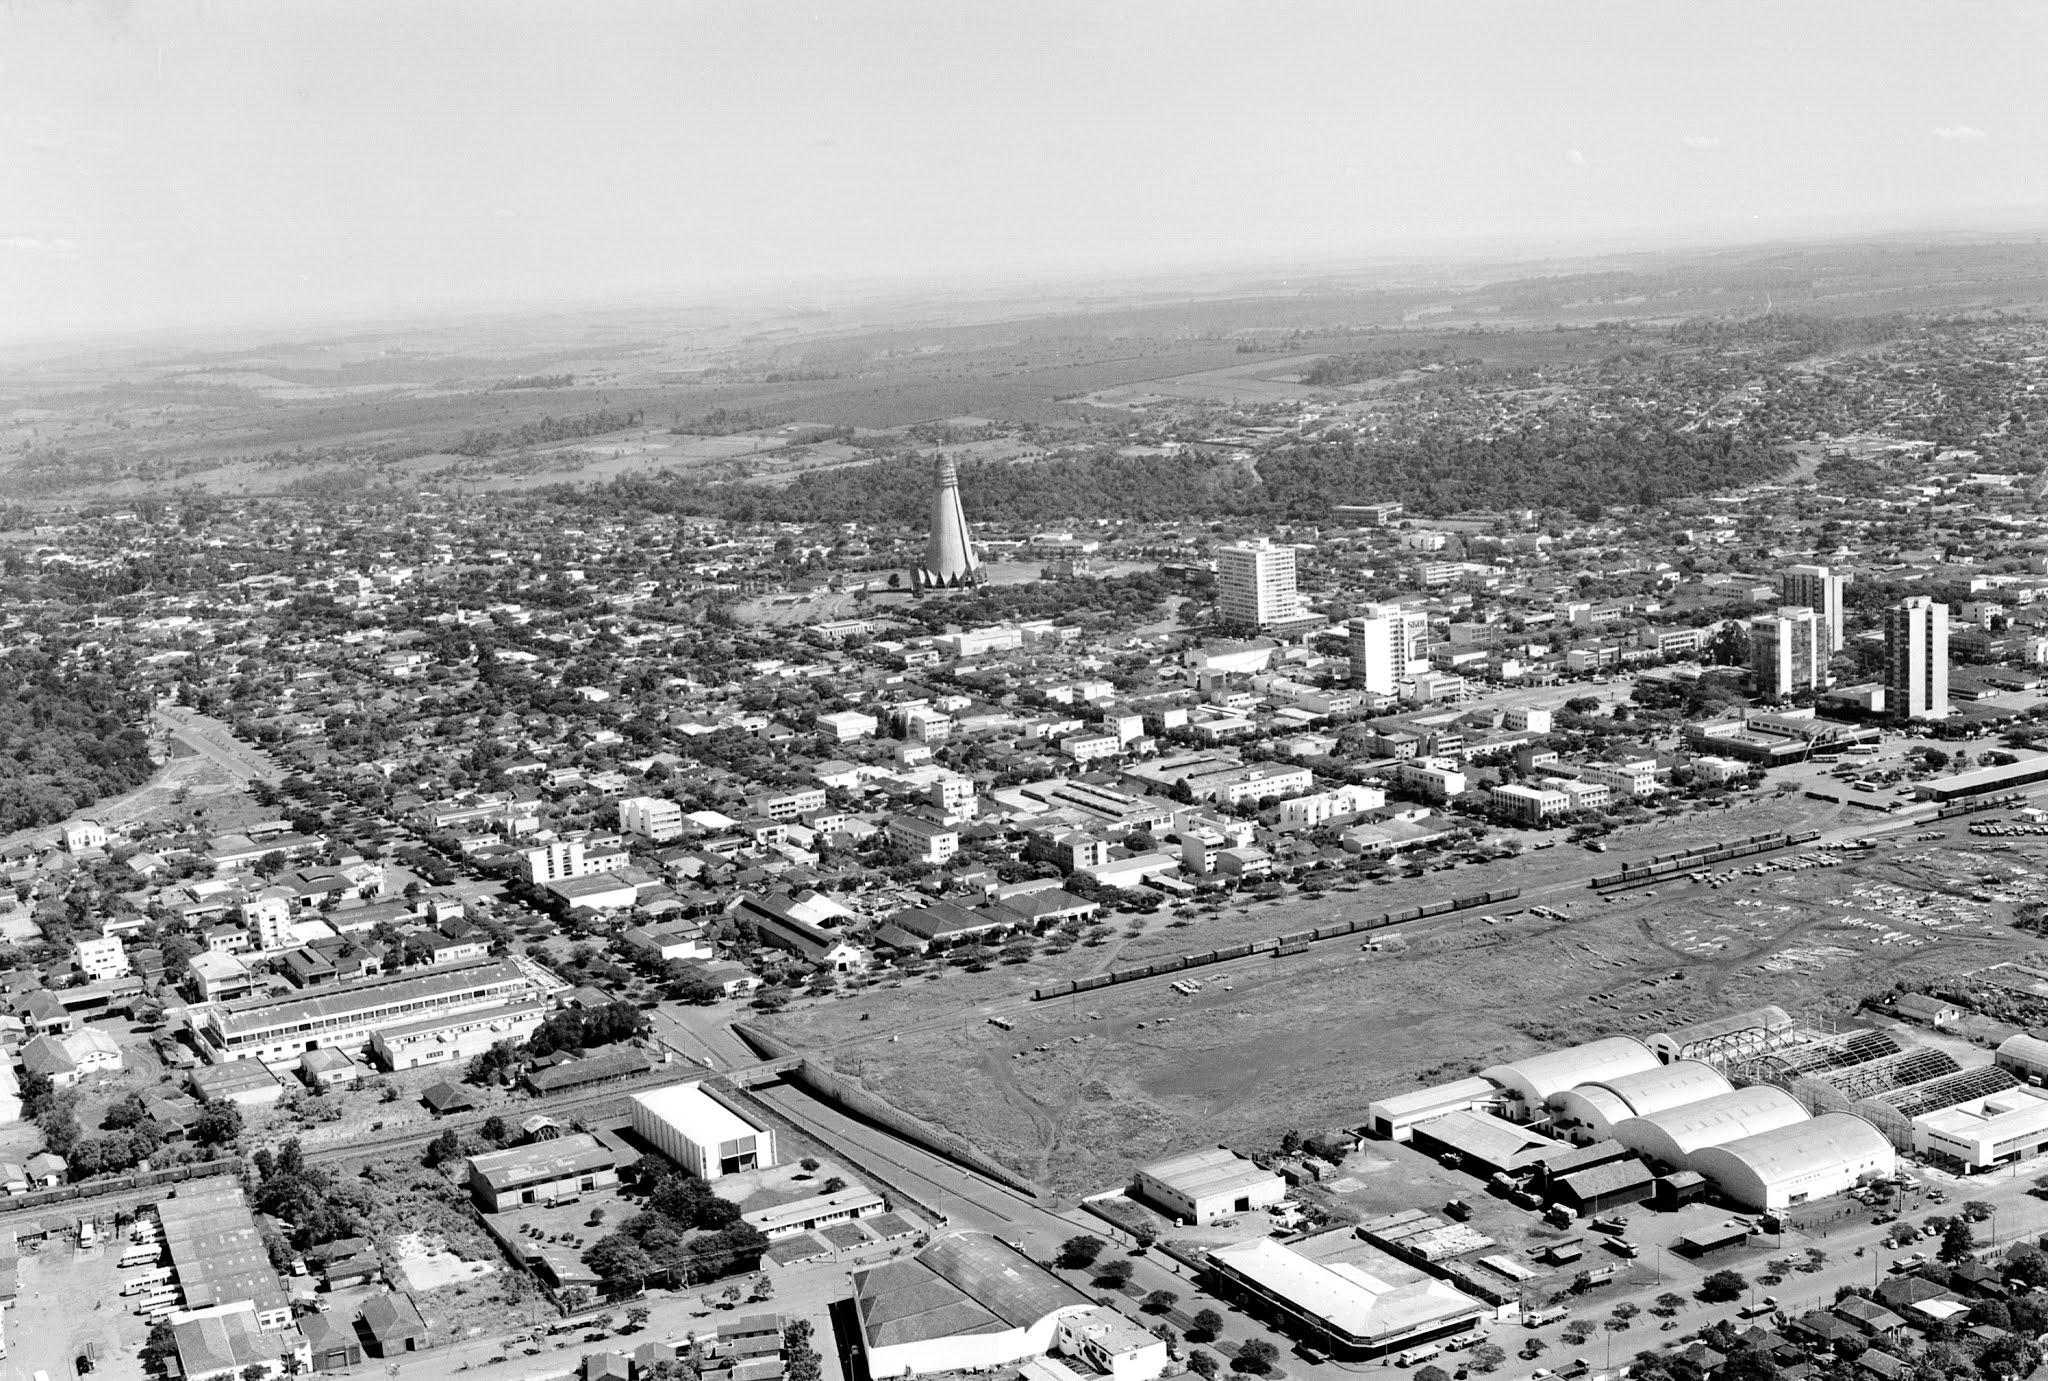 Vista aérea de Maringá - Início dos anos 1970